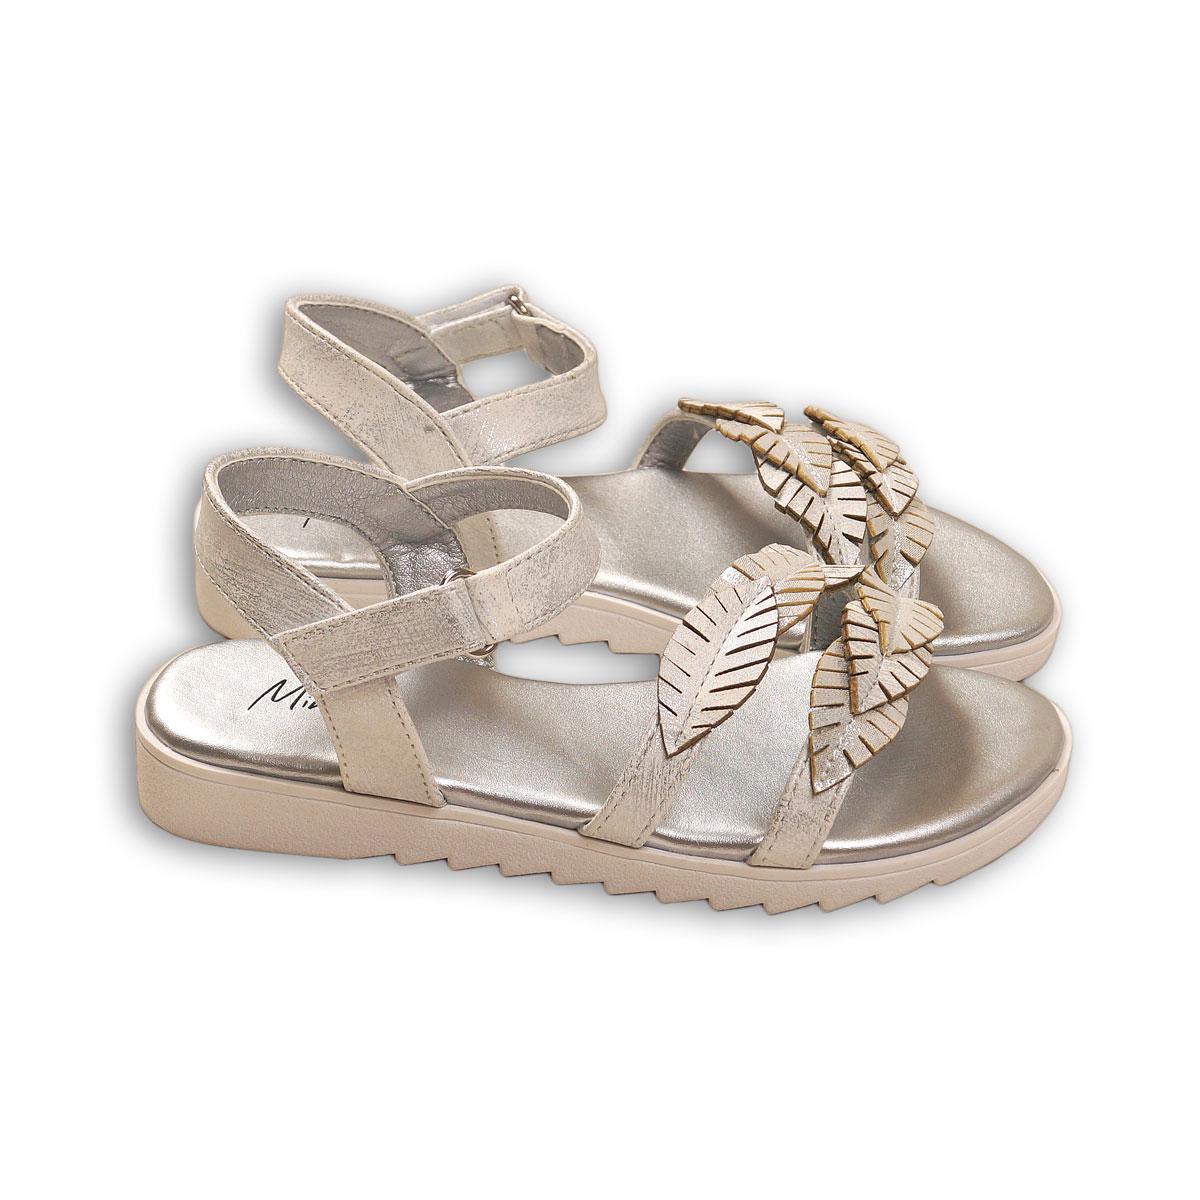 Sandale cu detaliu de frunze aplicate, Minoti Shoe